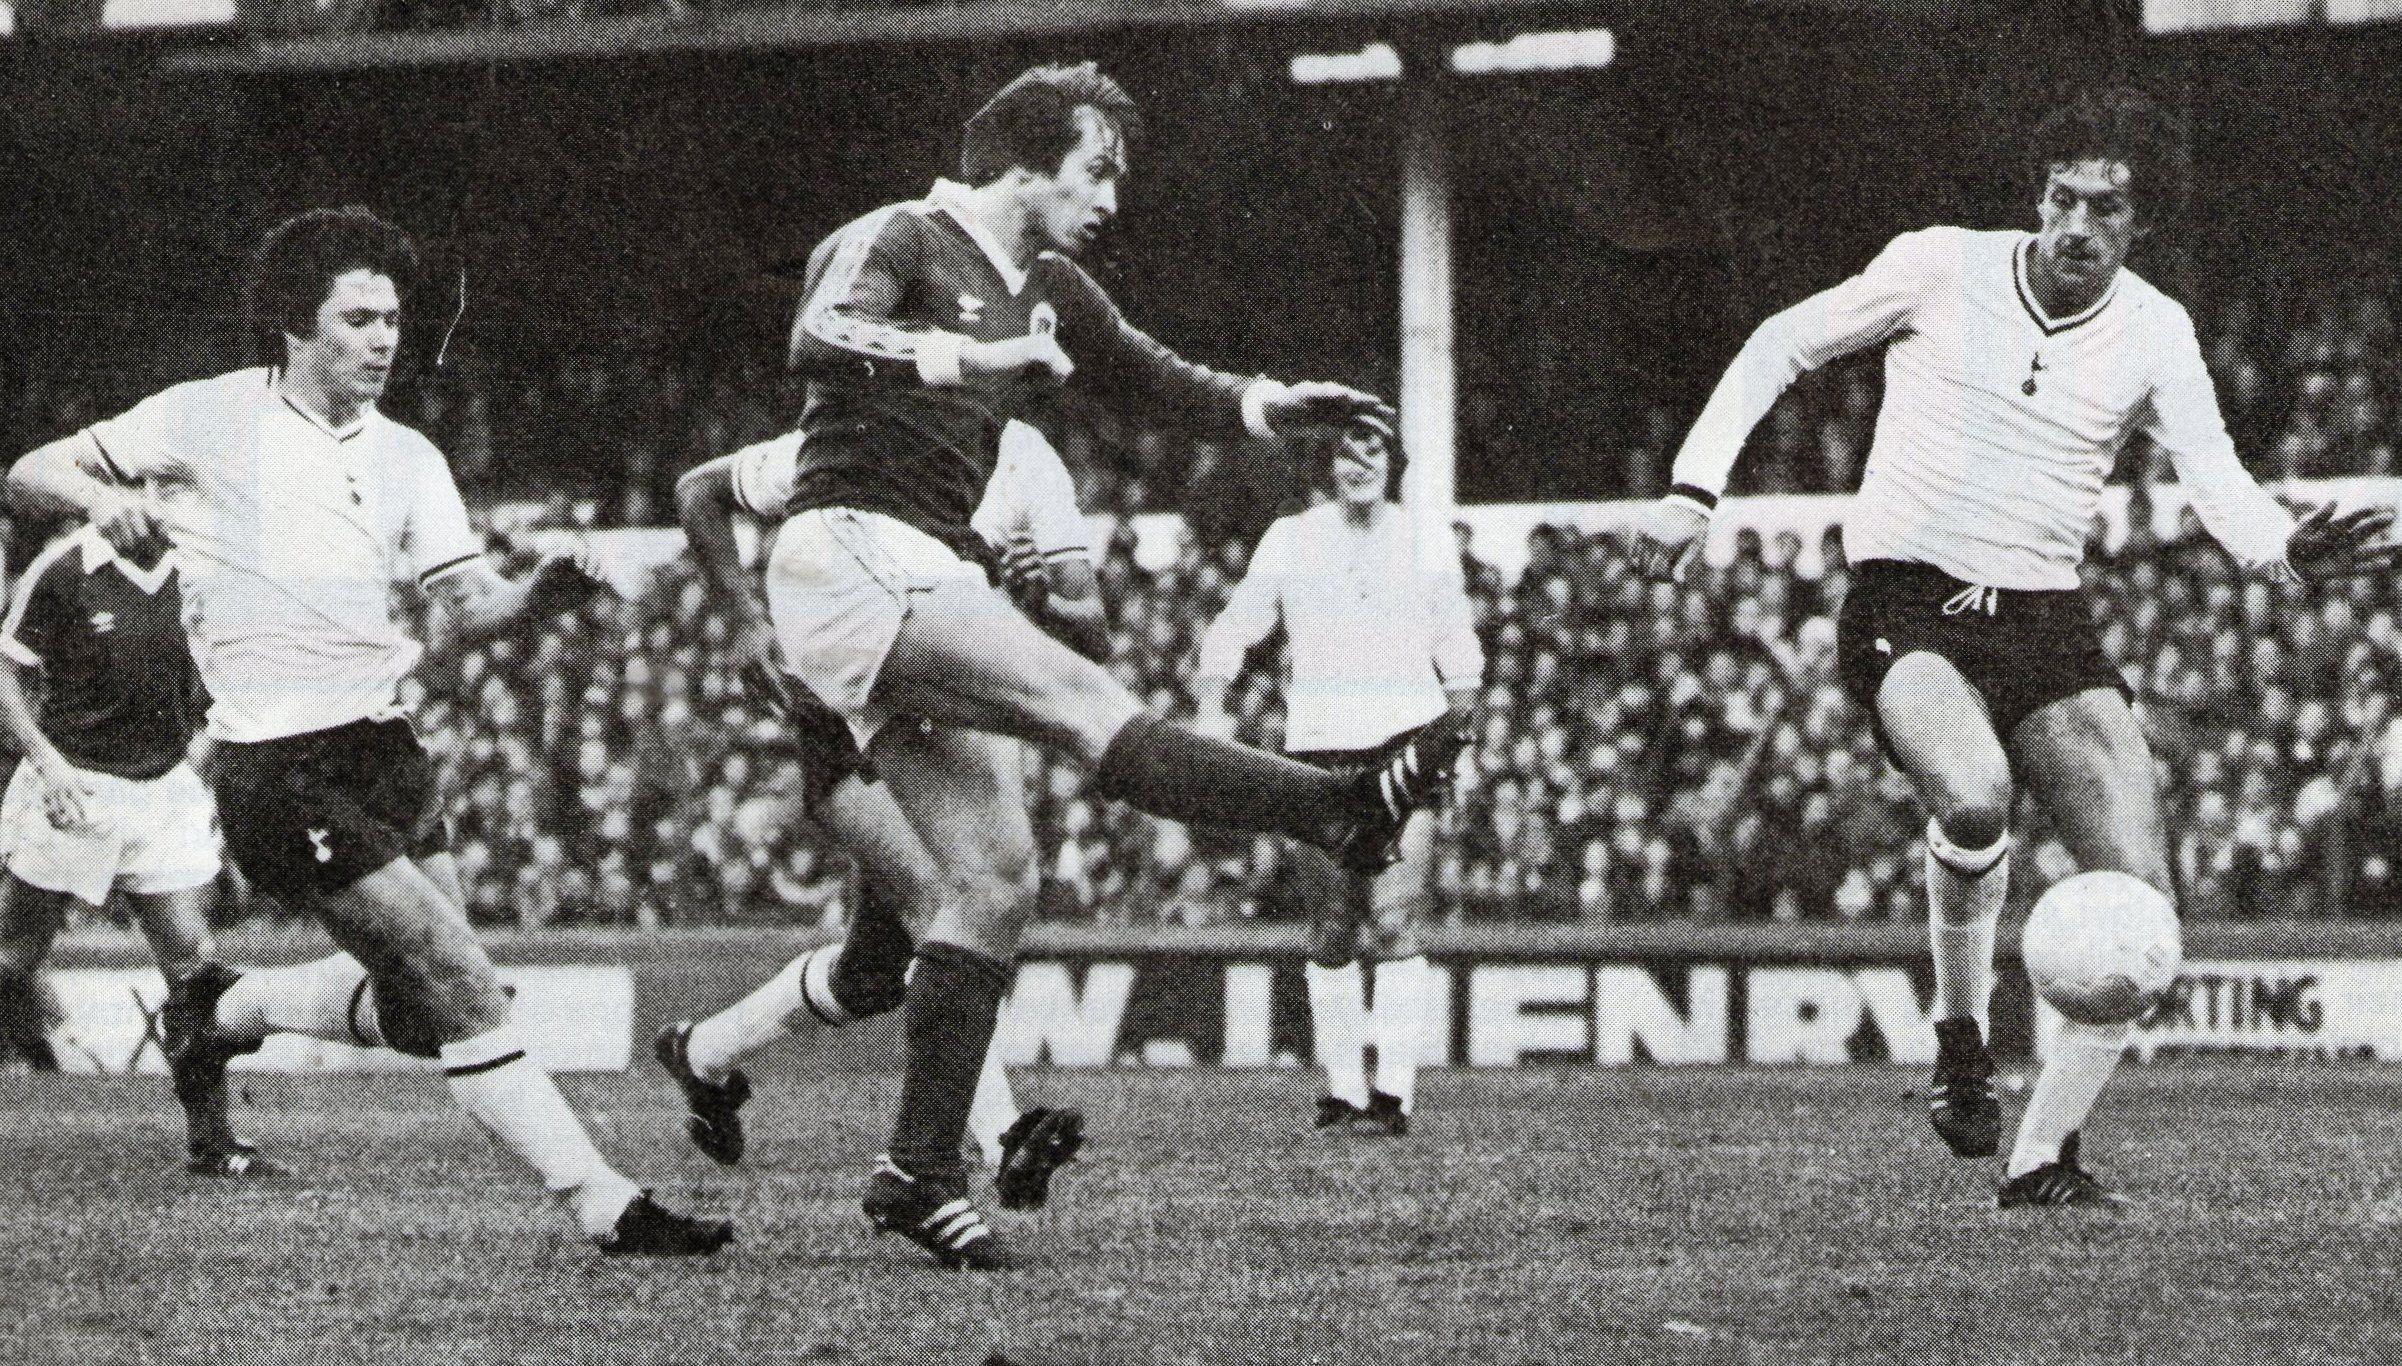 Peter Eastoe scoring against tottenham 1980-81